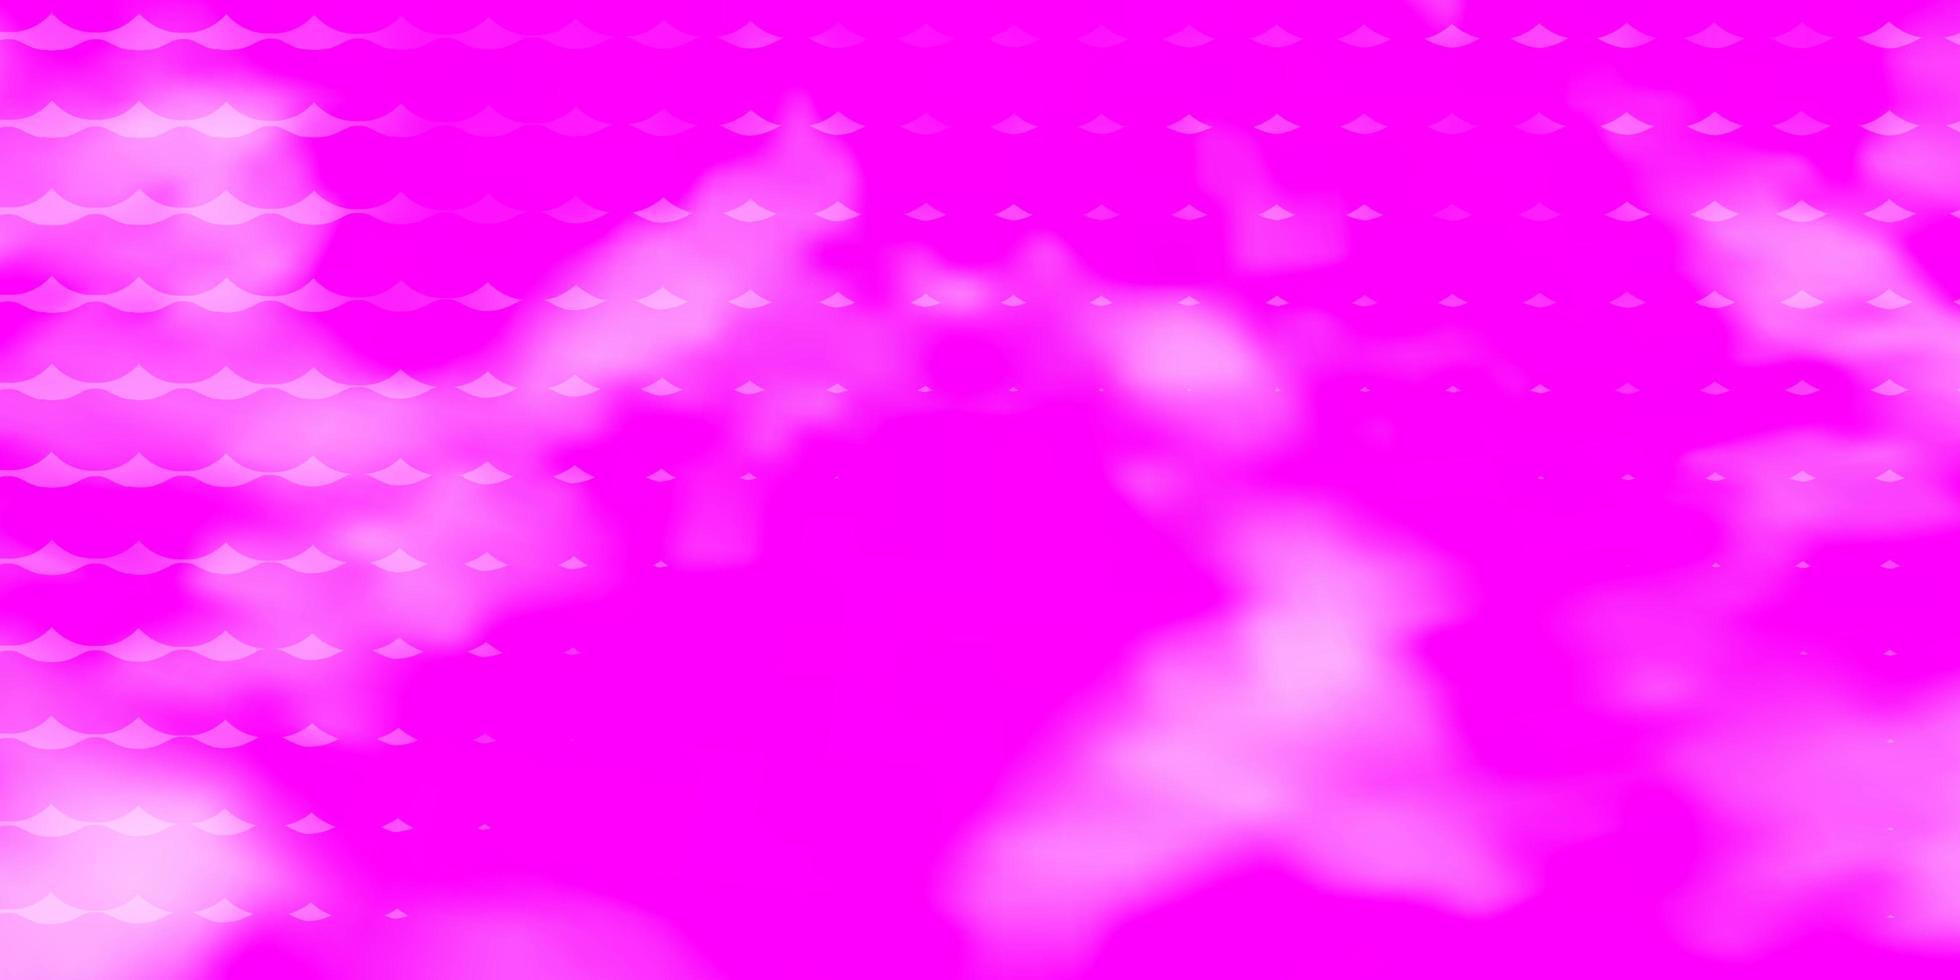 layout de vetor rosa claro com círculos.